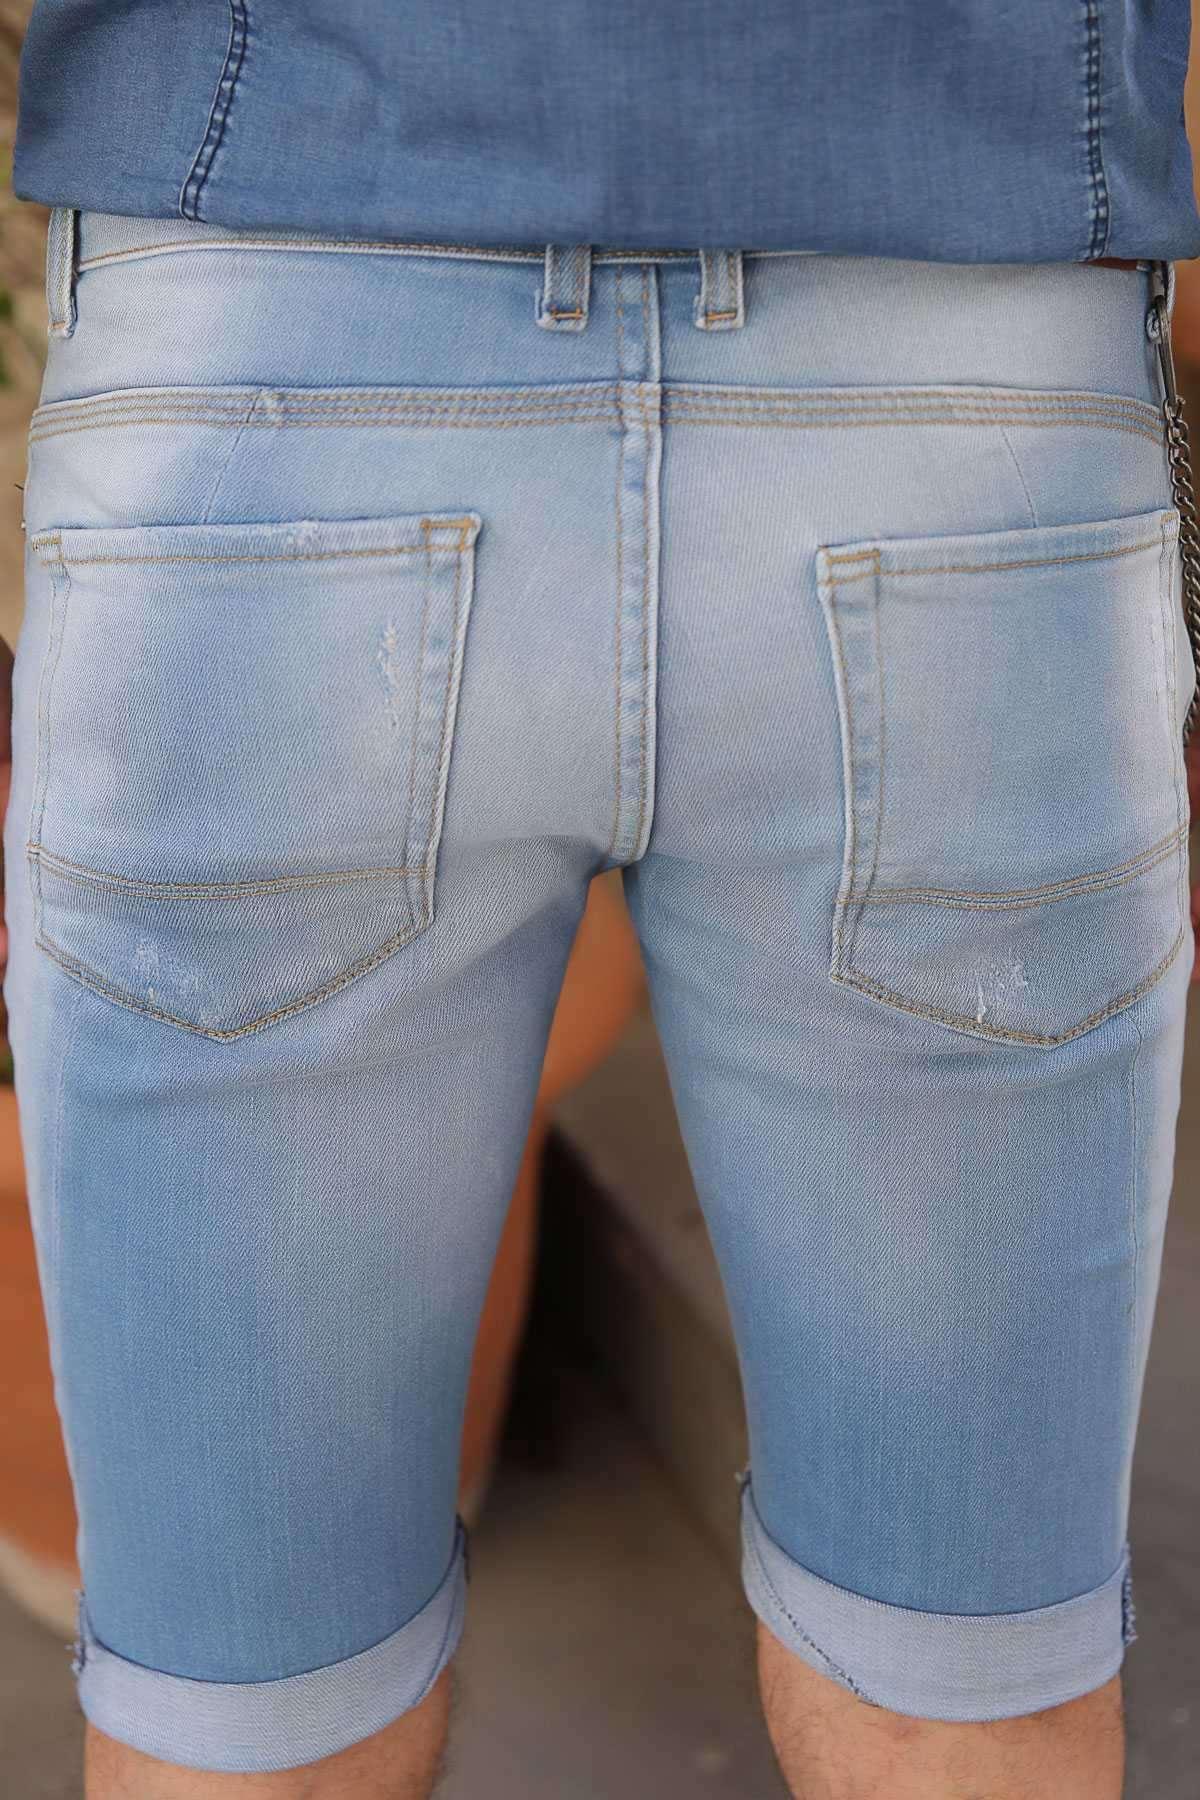 Yanı Zincirli Lazer Tırtıklı Taşlamalı Slim Fit Kot Şort Açık-Mavi